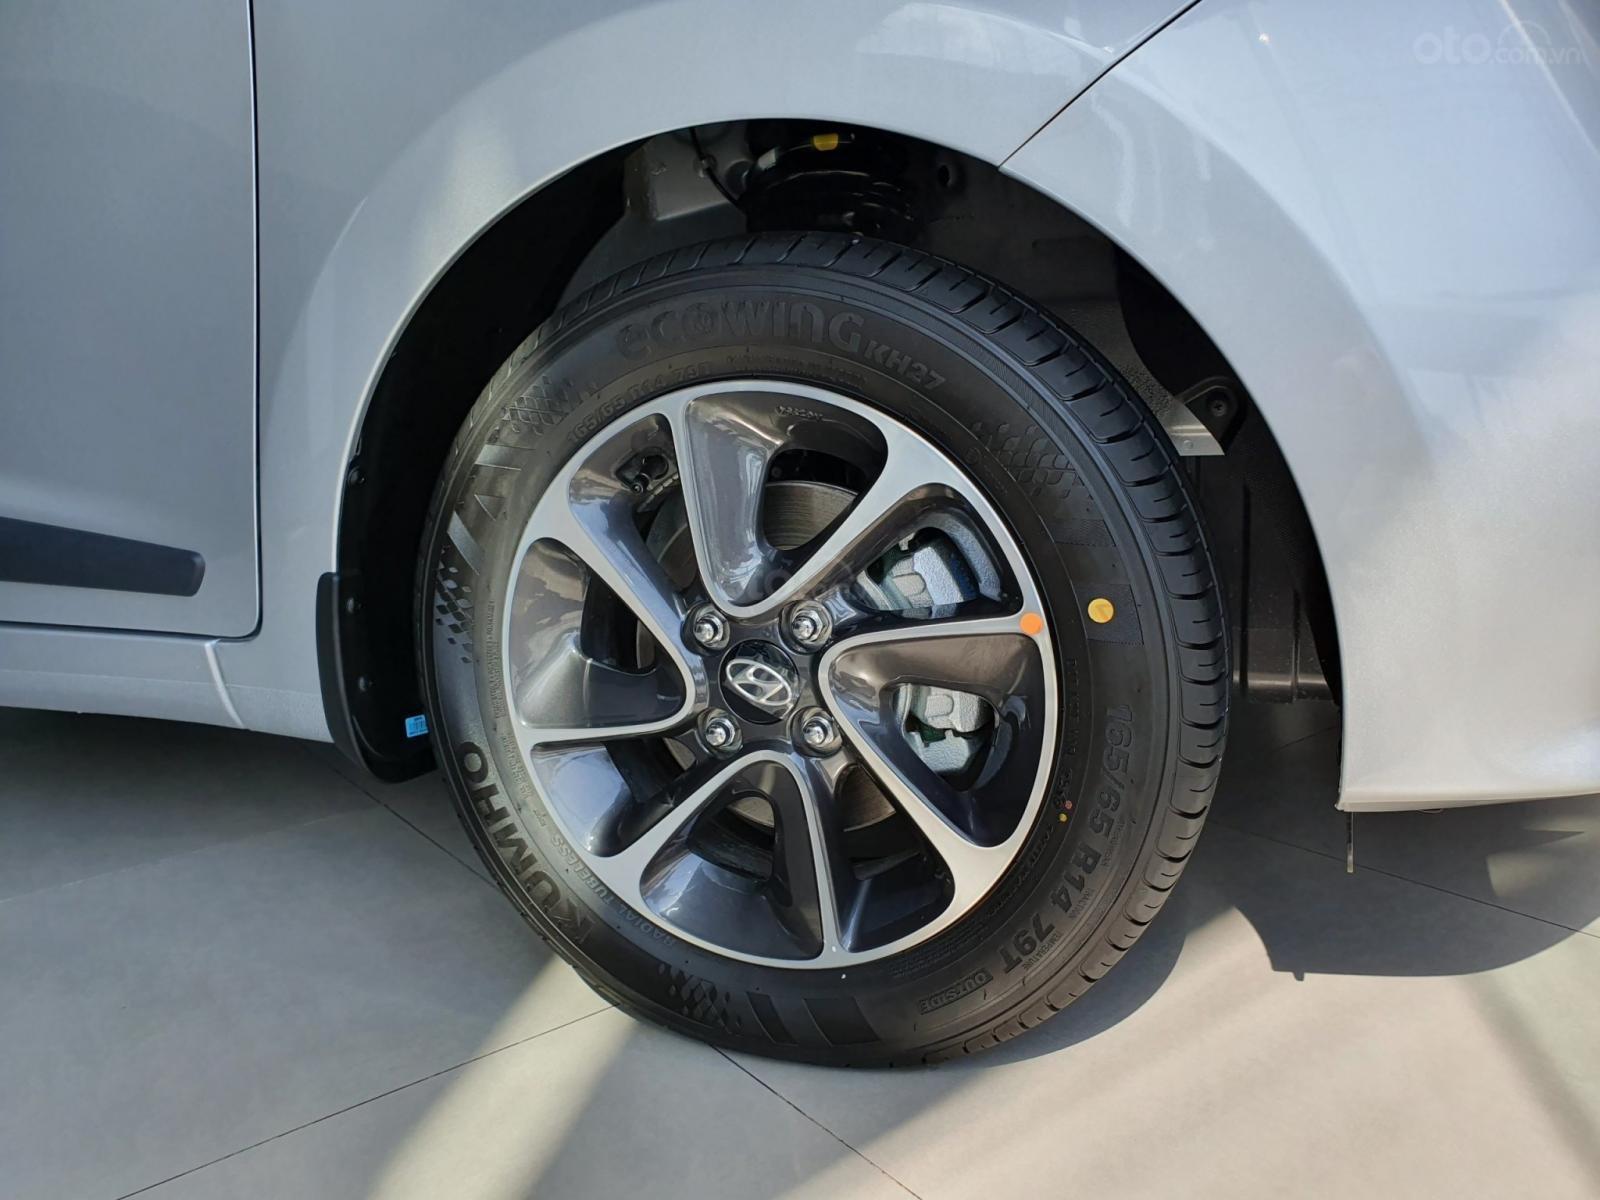 """""""Sốc"""" Tặng 15 triệu phụ kiện - Chỉ 120 triệu nhận xe - Hyundai Grand i10 1.2 2019, trả góp 85% - 0968500607 (4)"""